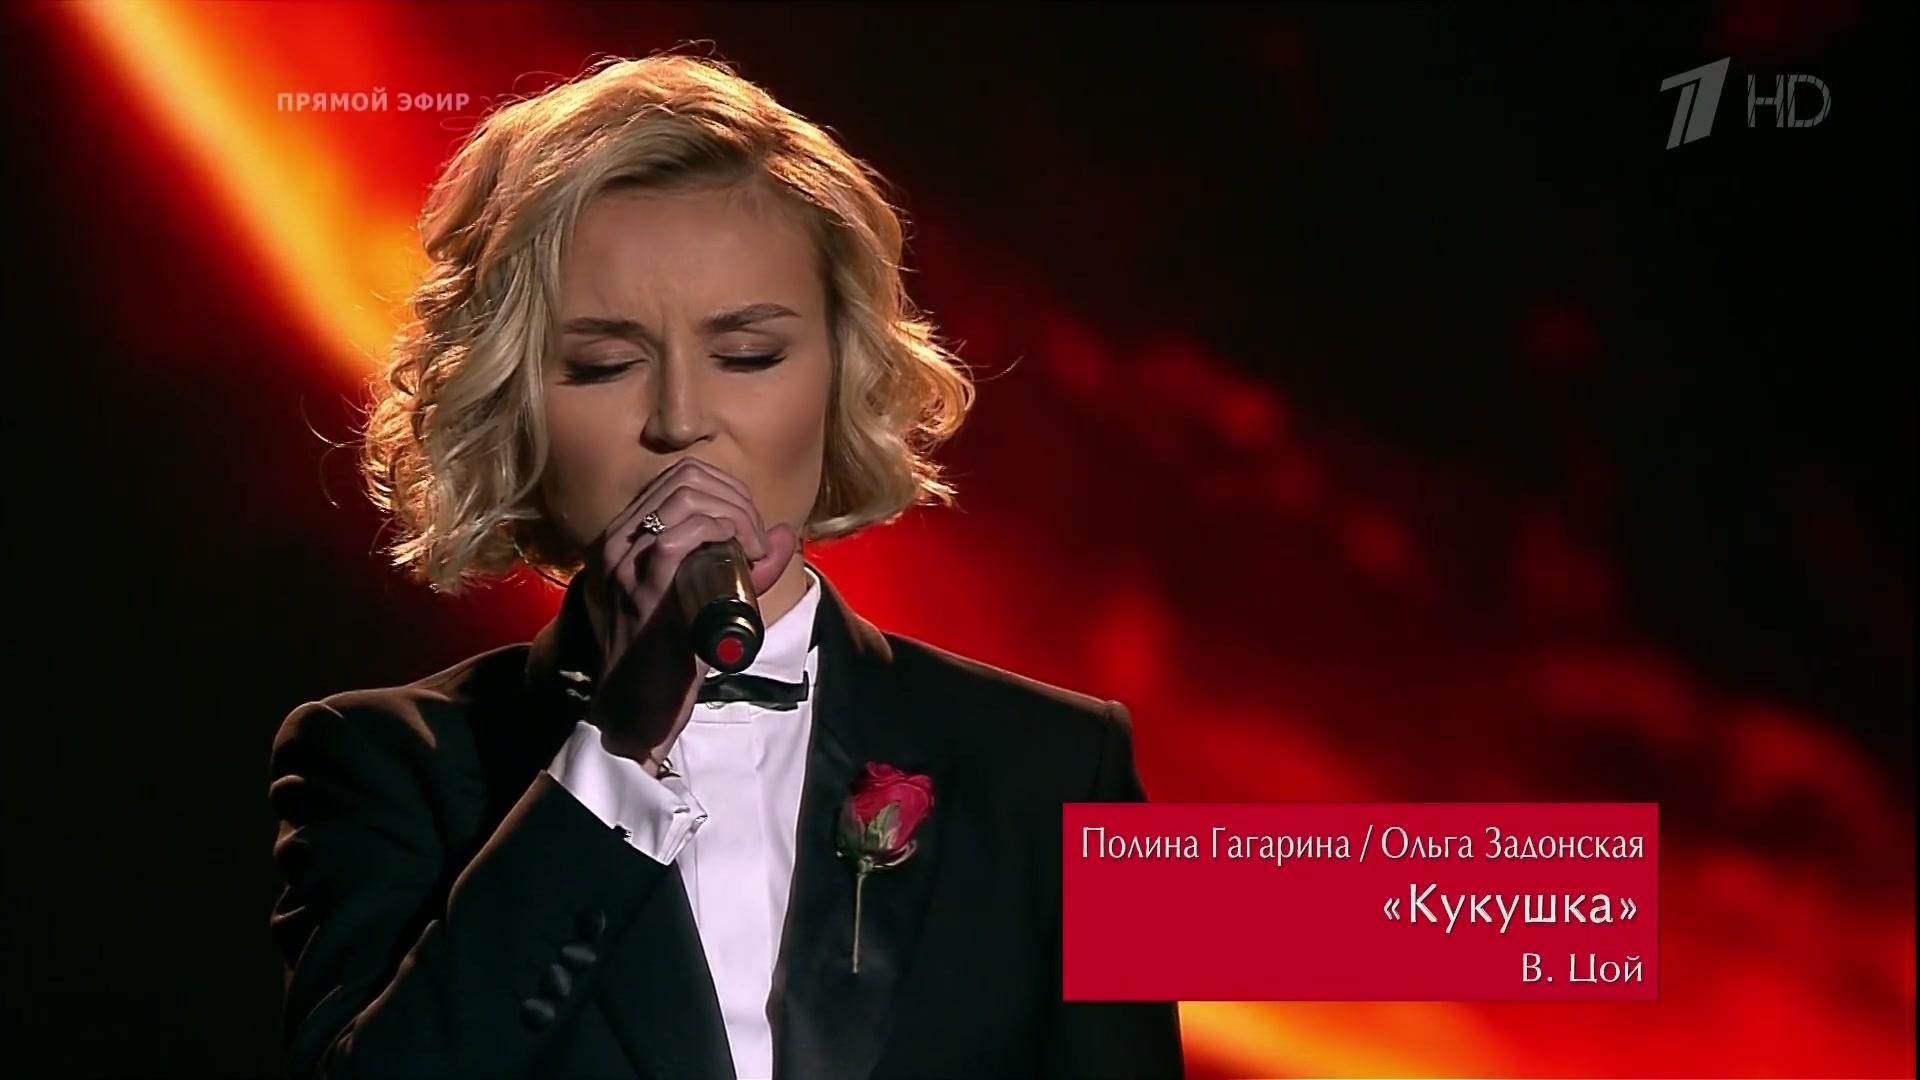 俄罗斯心灵波琳娜加加林娜现场倾听电影女狙击手主题曲《布谷鸟》(穿英国电影演唱歌手图片